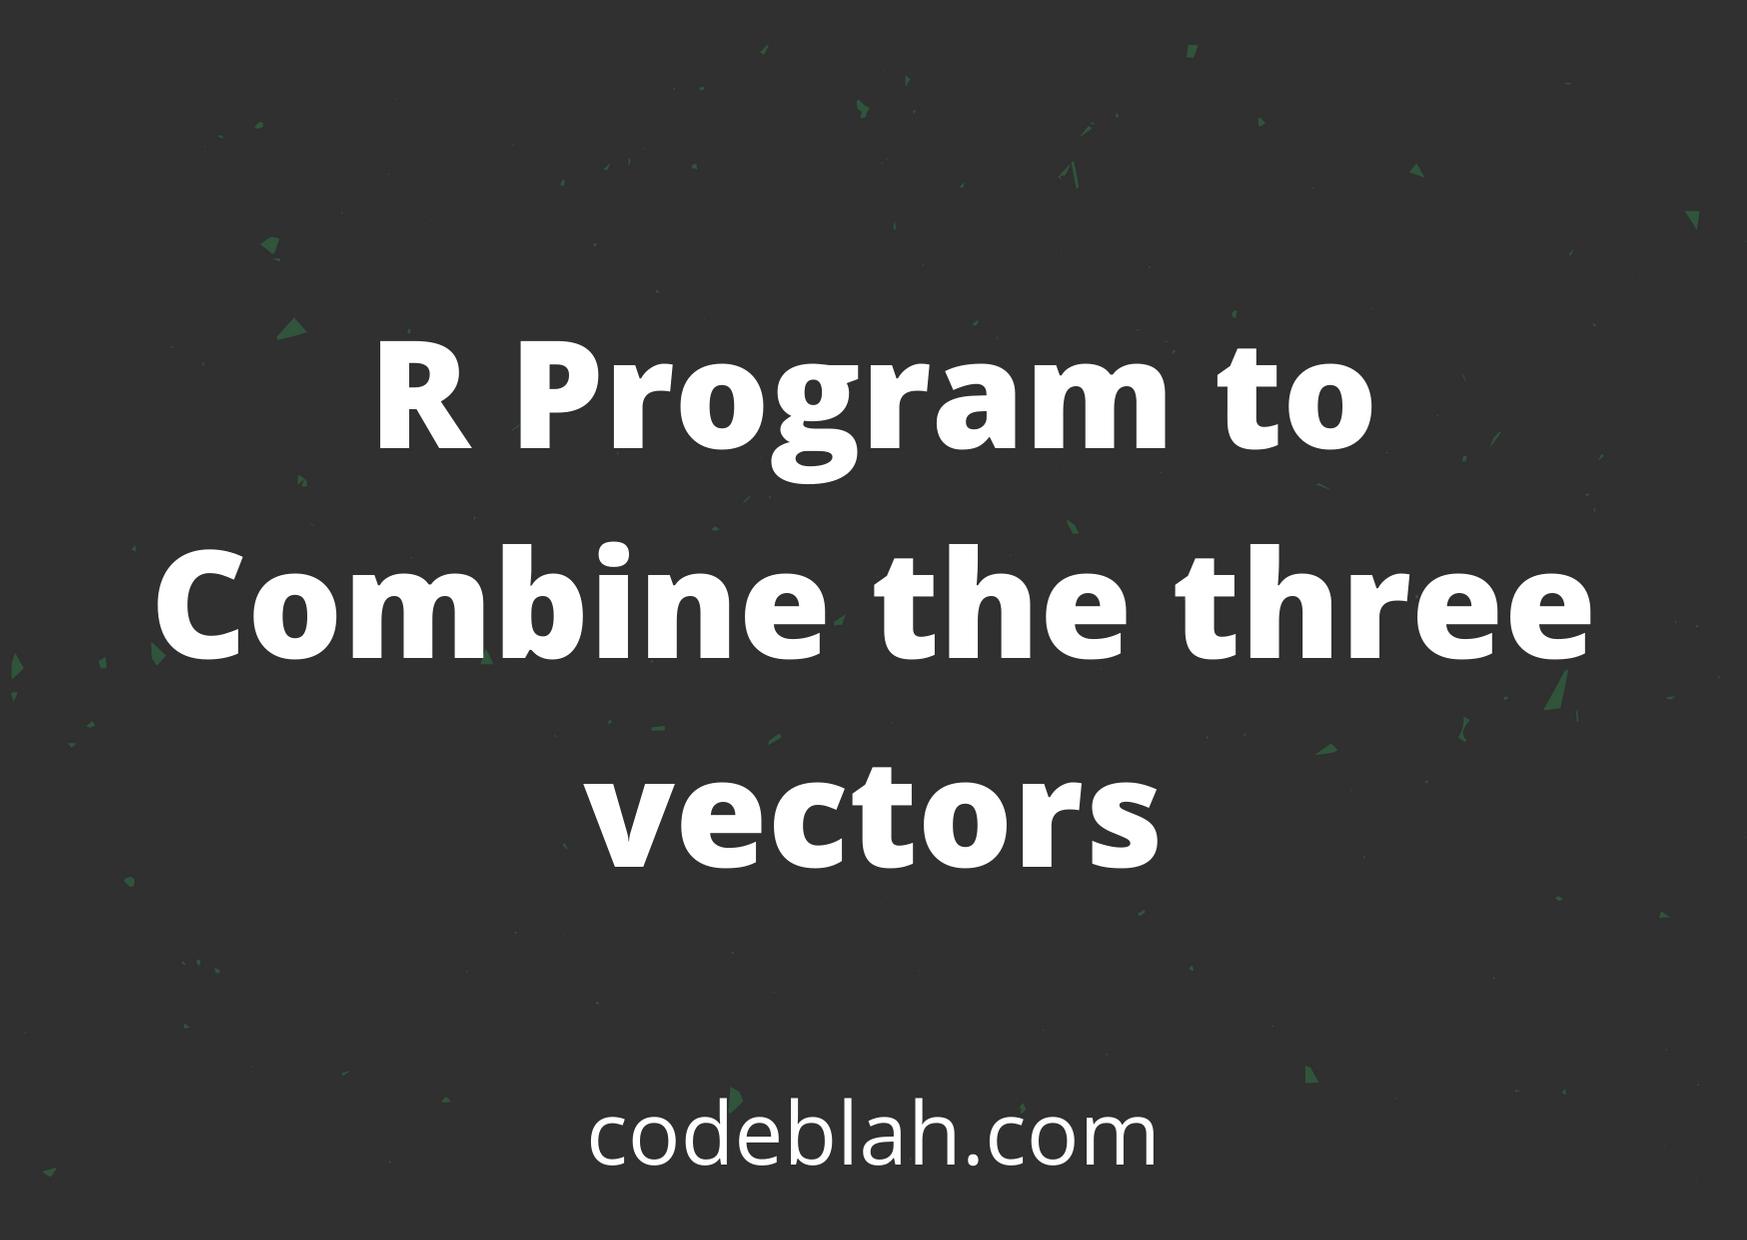 R Program to Combine the Three Vectors